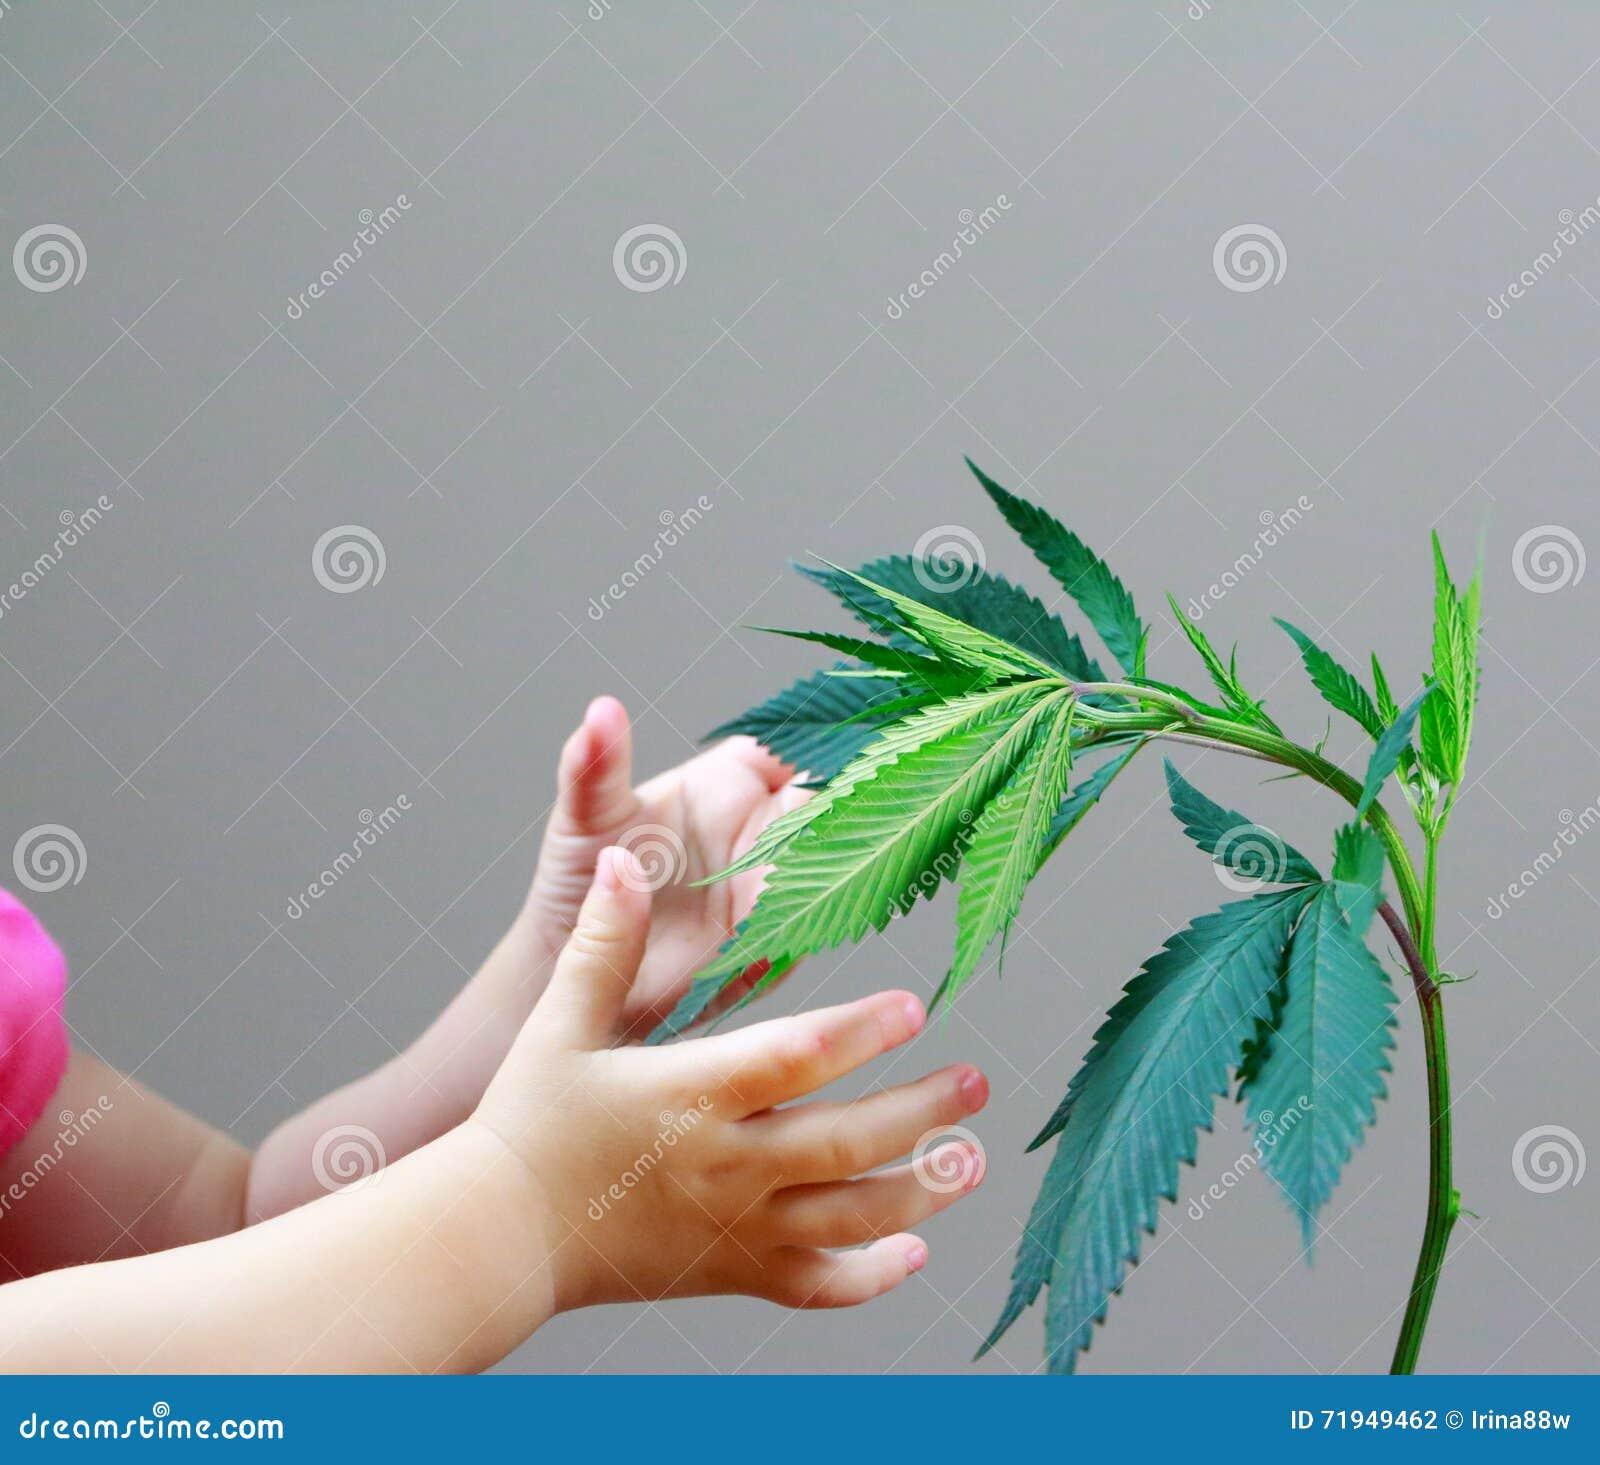 Руки ребенка и взрослого держат листья марихуаны (коноплю), завод пеньки